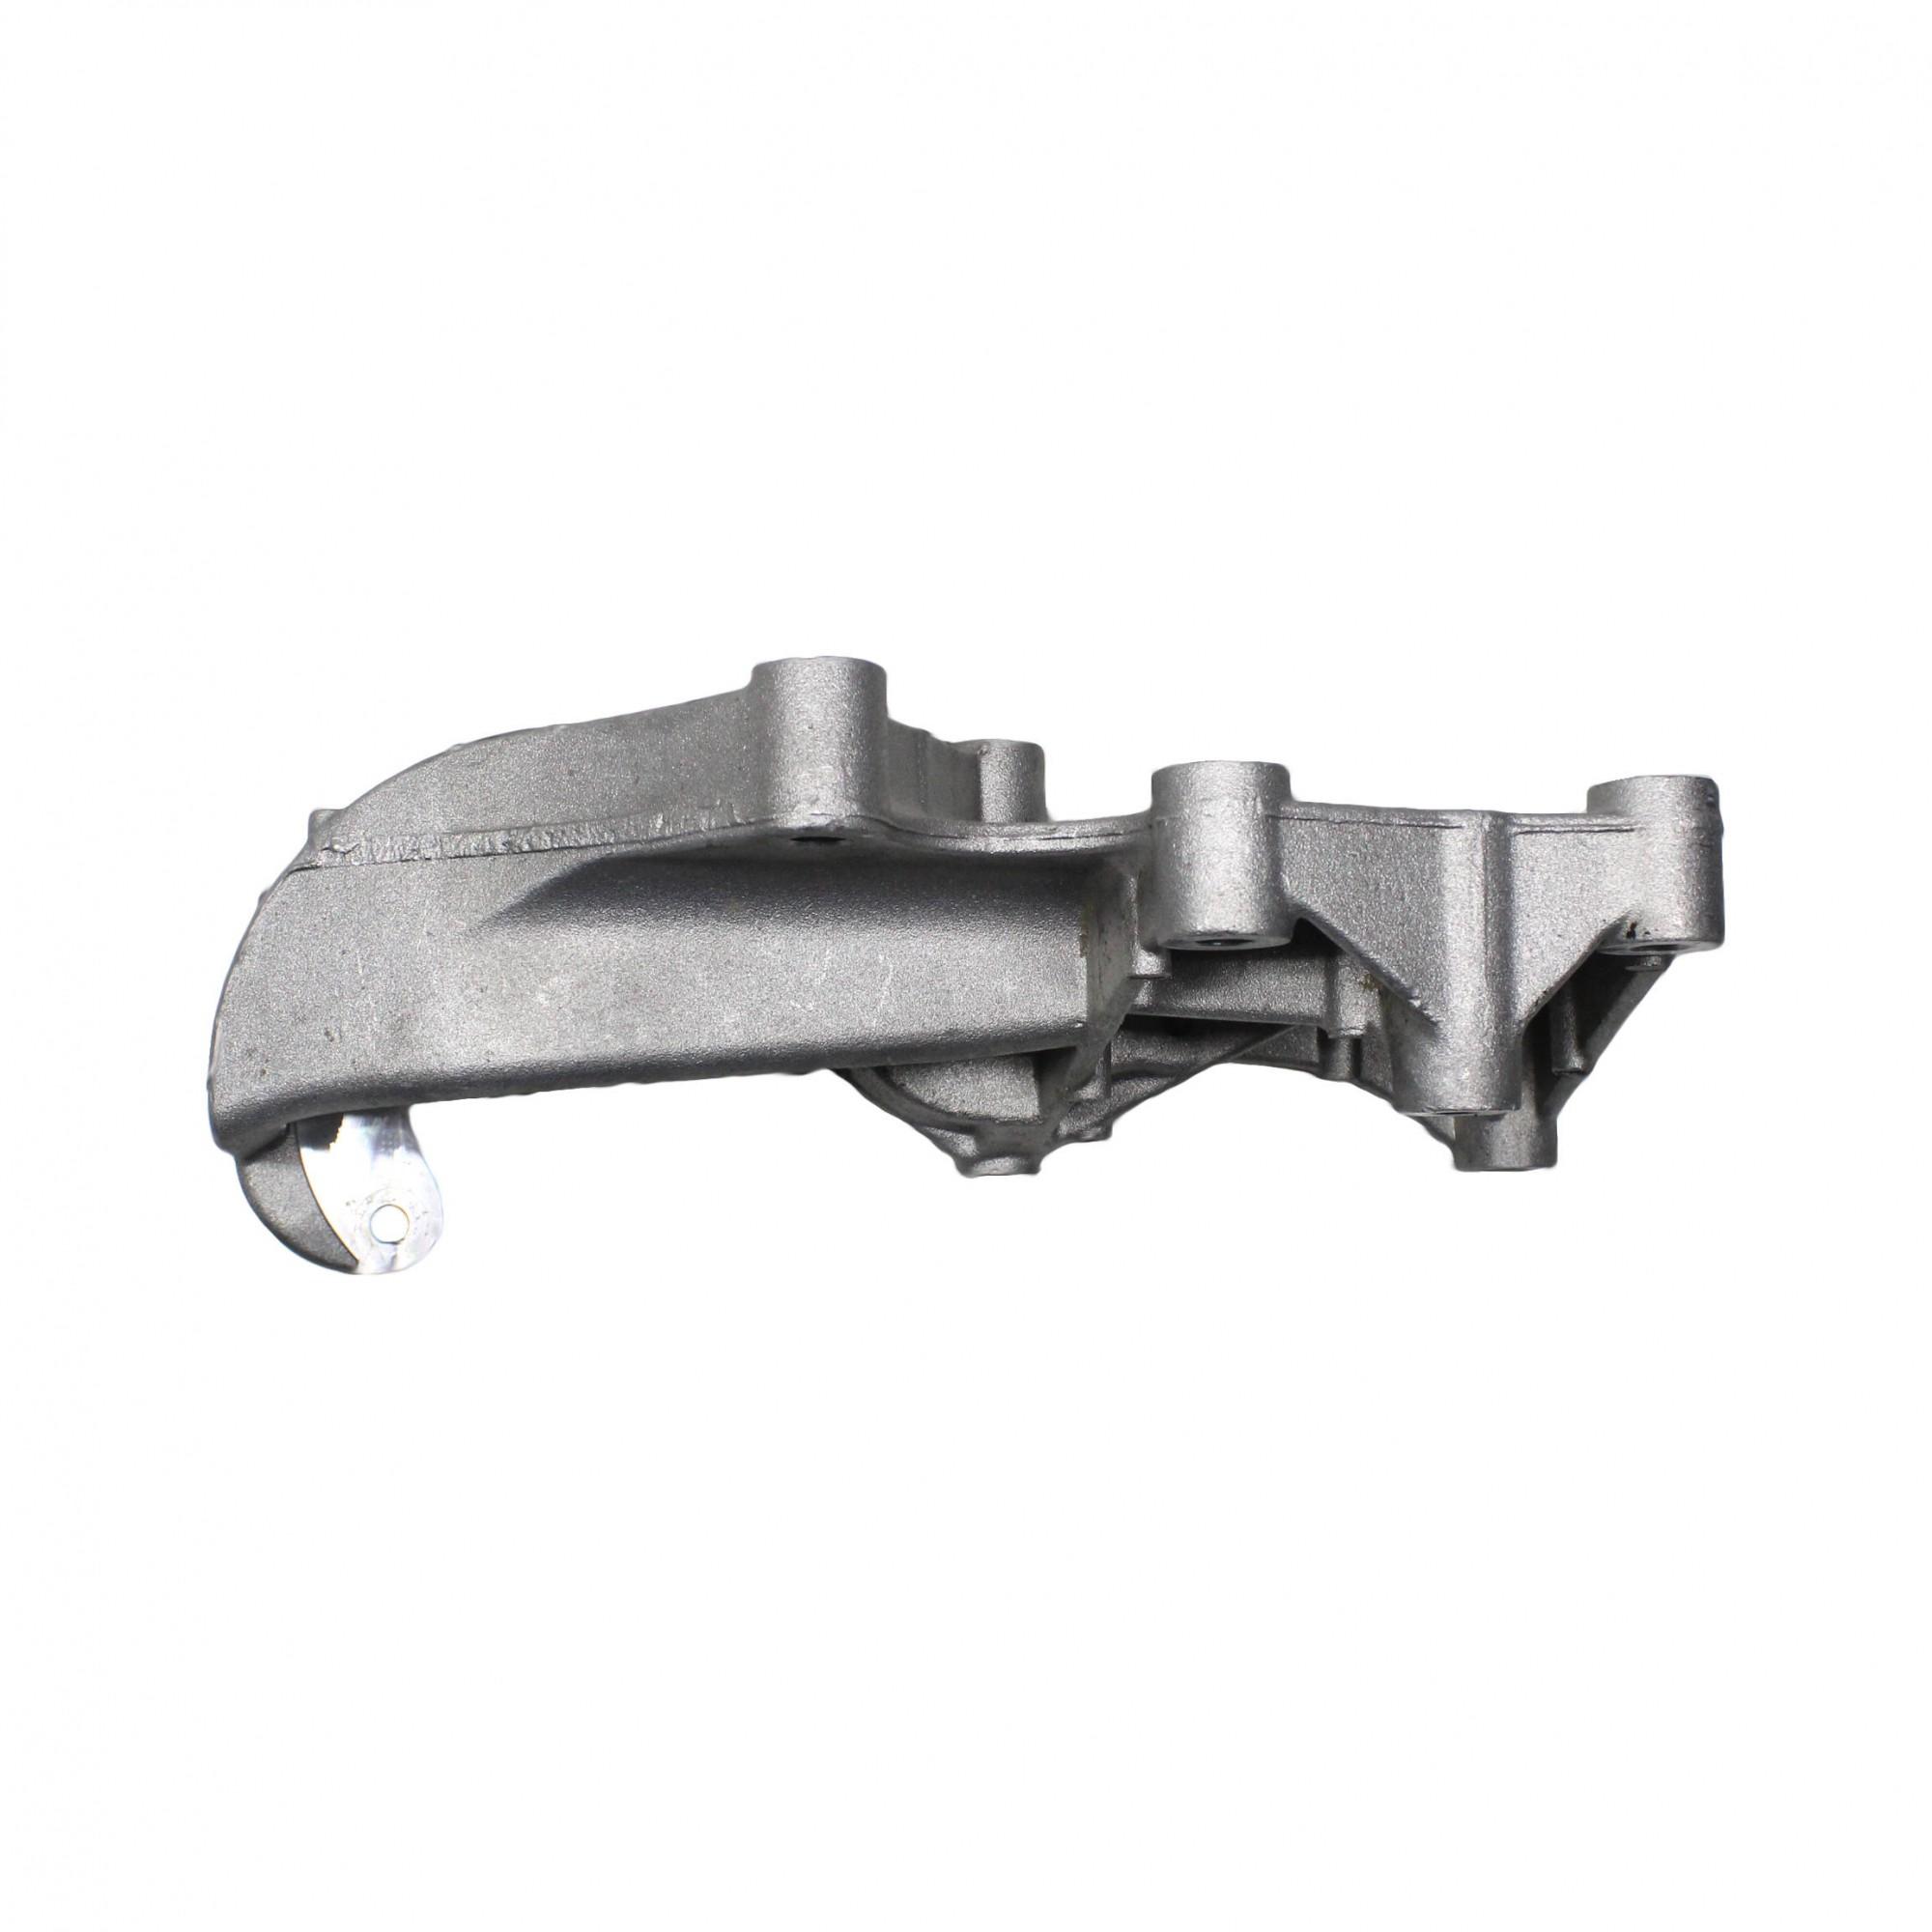 Suporte Fixação Alternador Compressor Cobalt 1.4 e 1.8 2012...2016 24577725